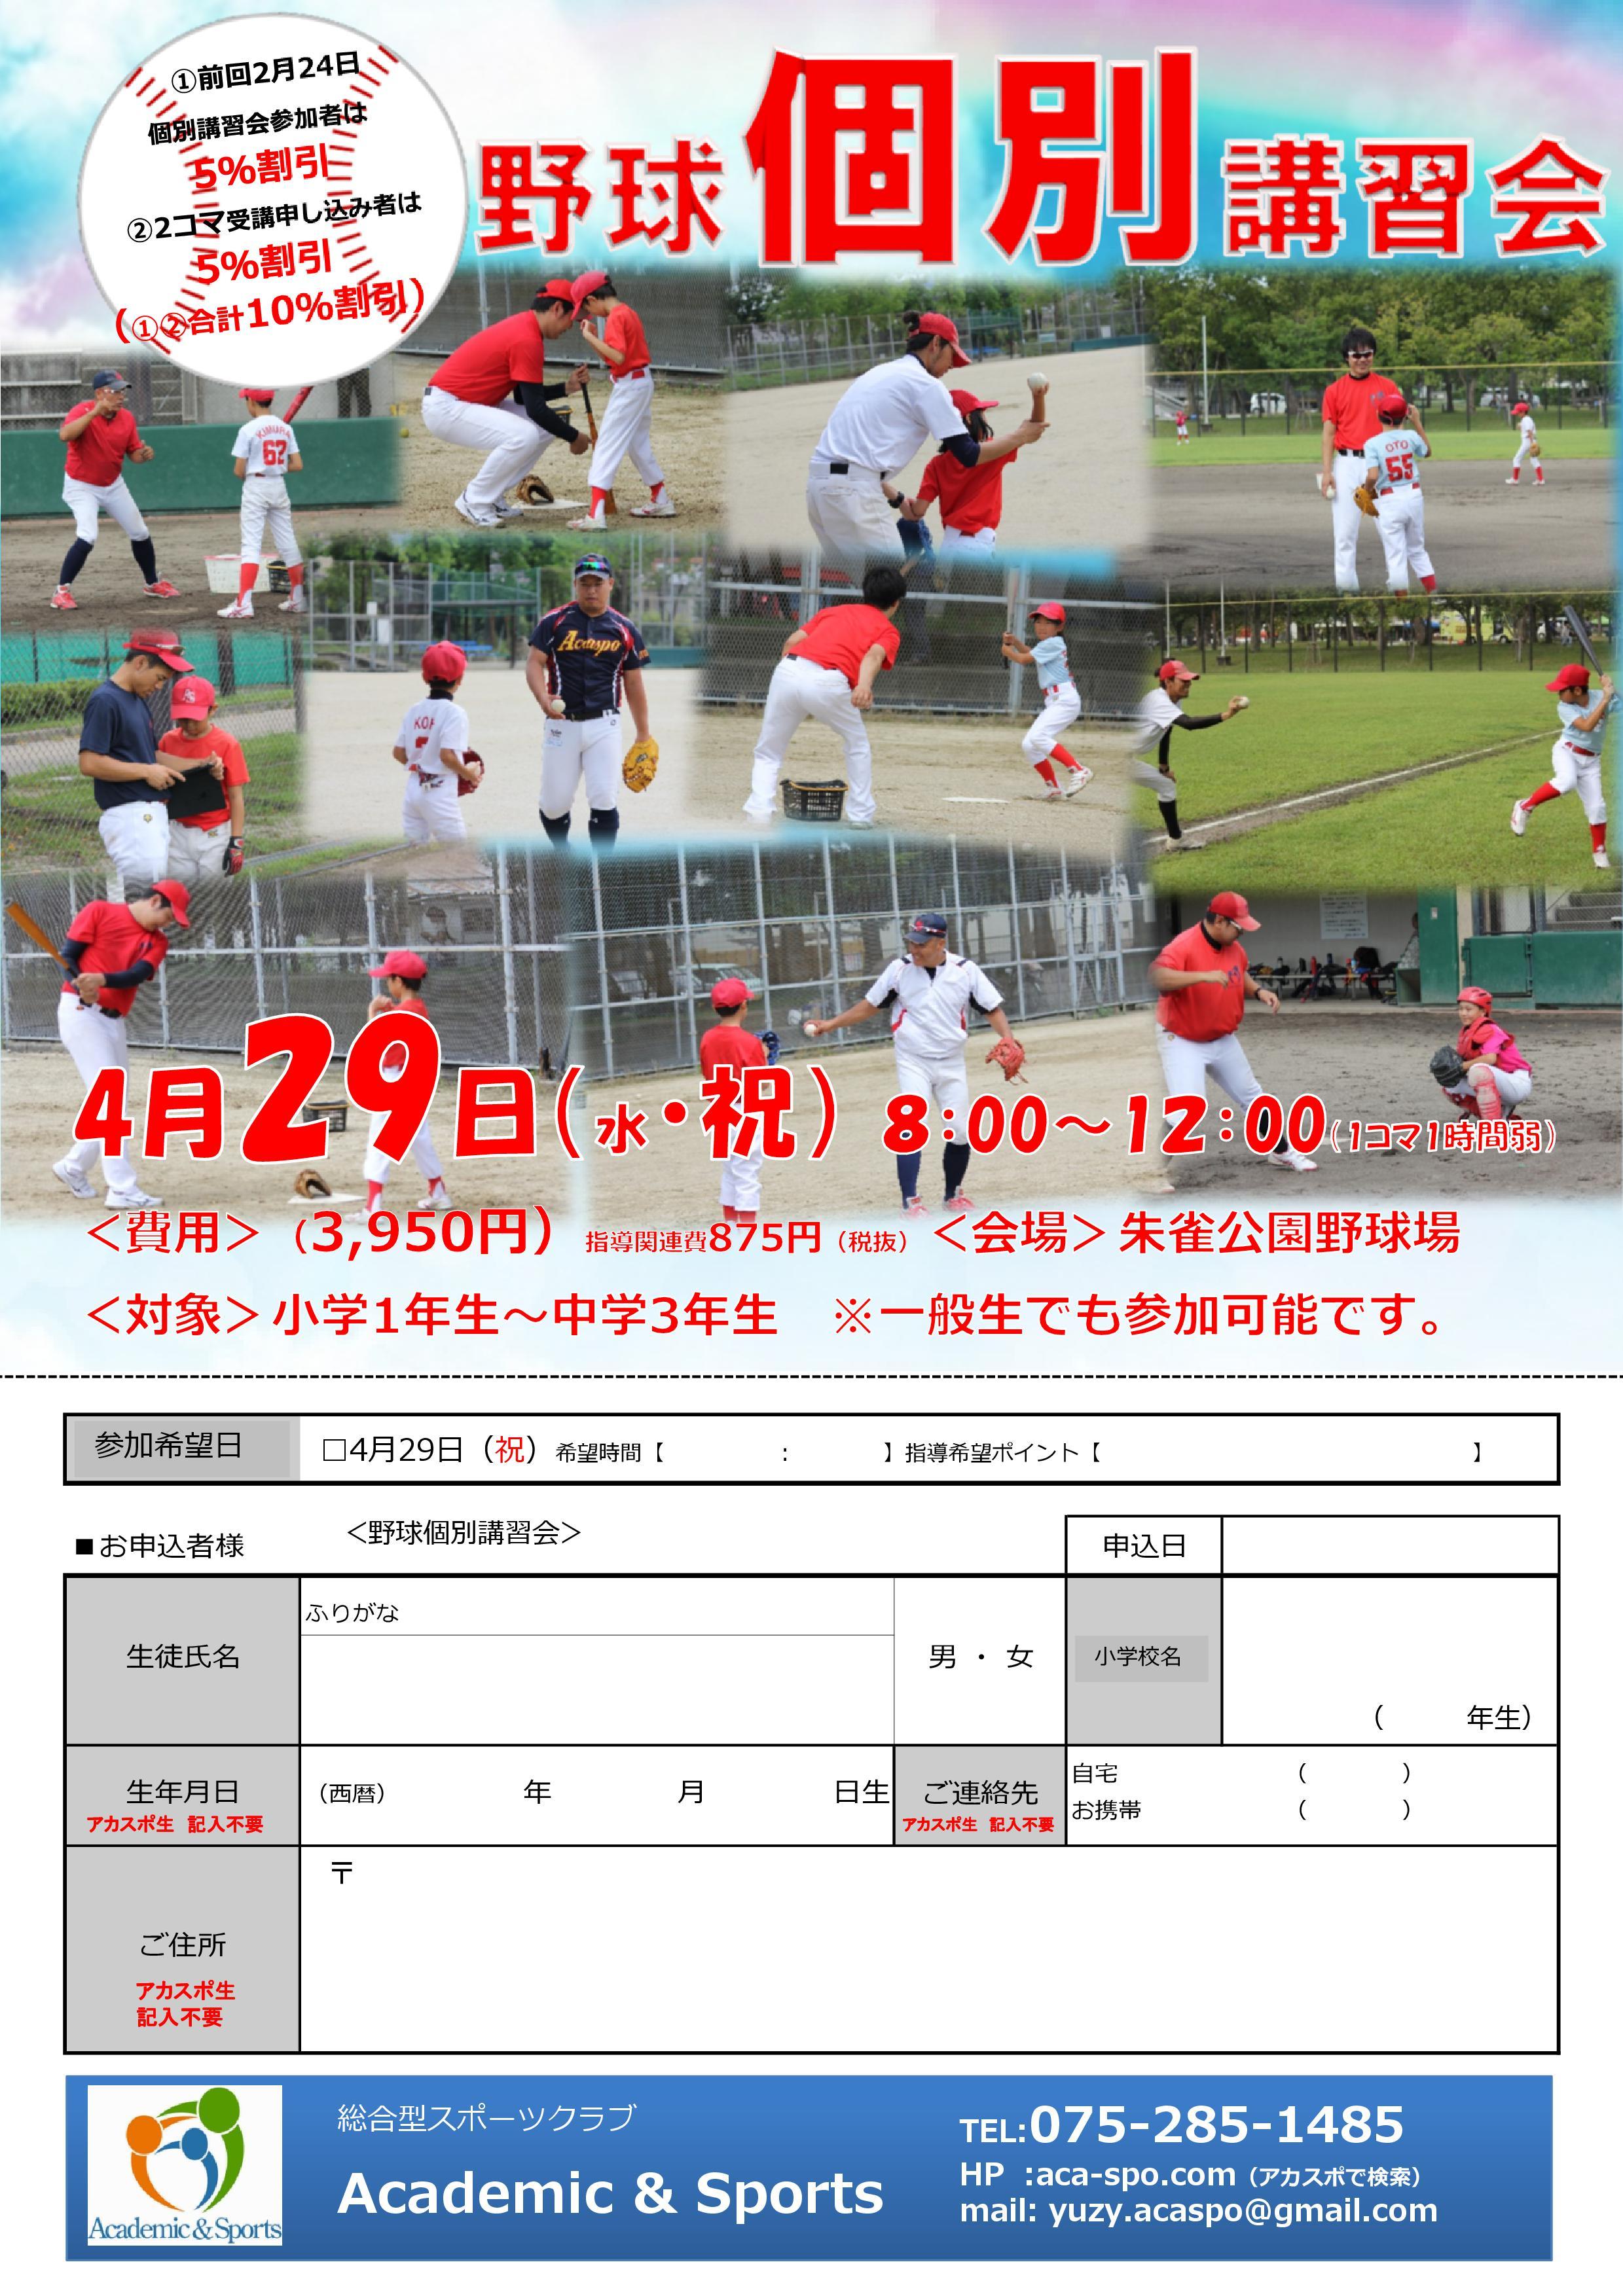 【野球スクール】(4月)野球個別講習会